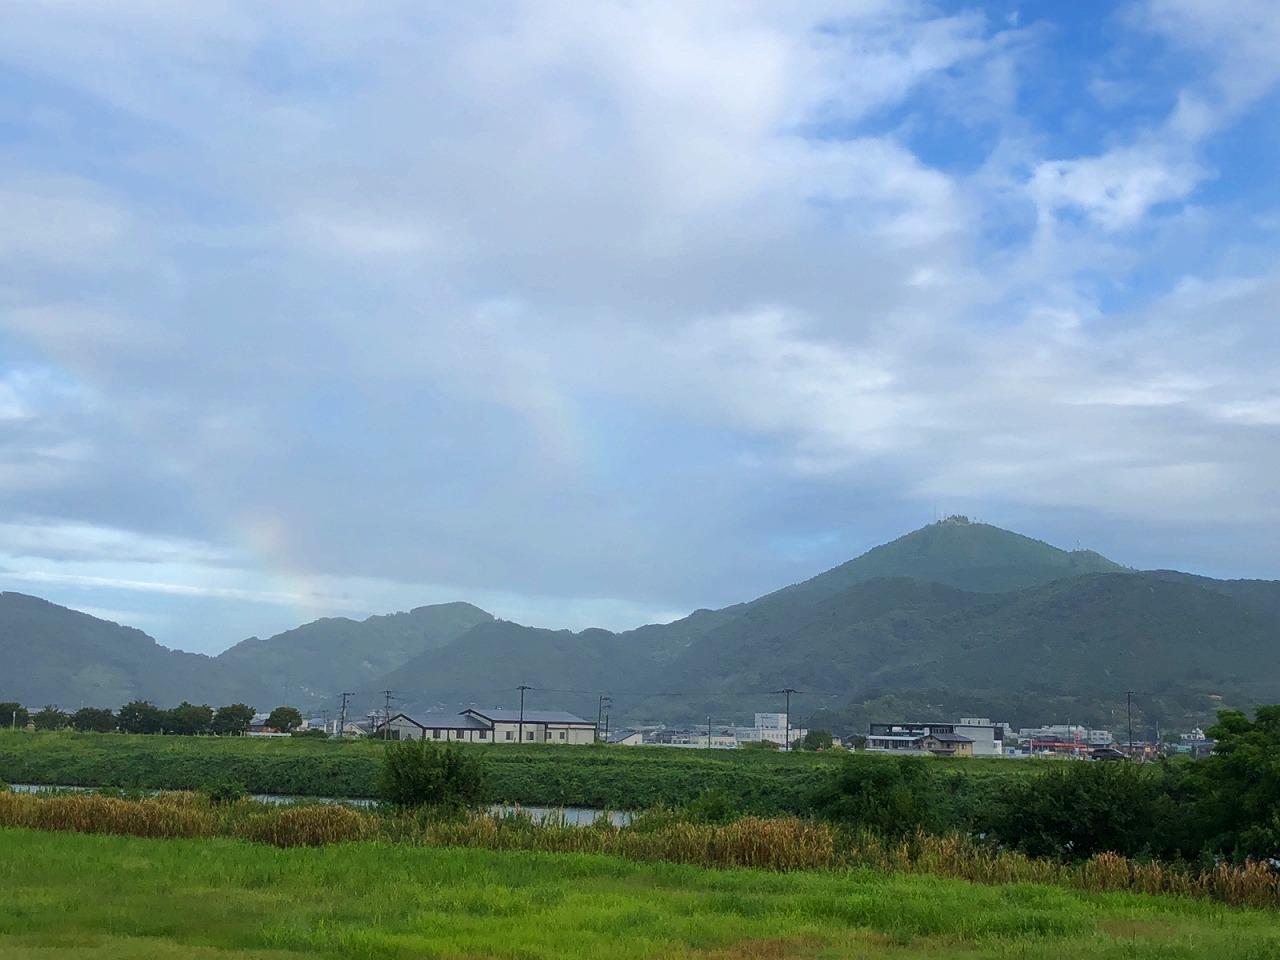 2018.9.4 今朝の金峰山です。